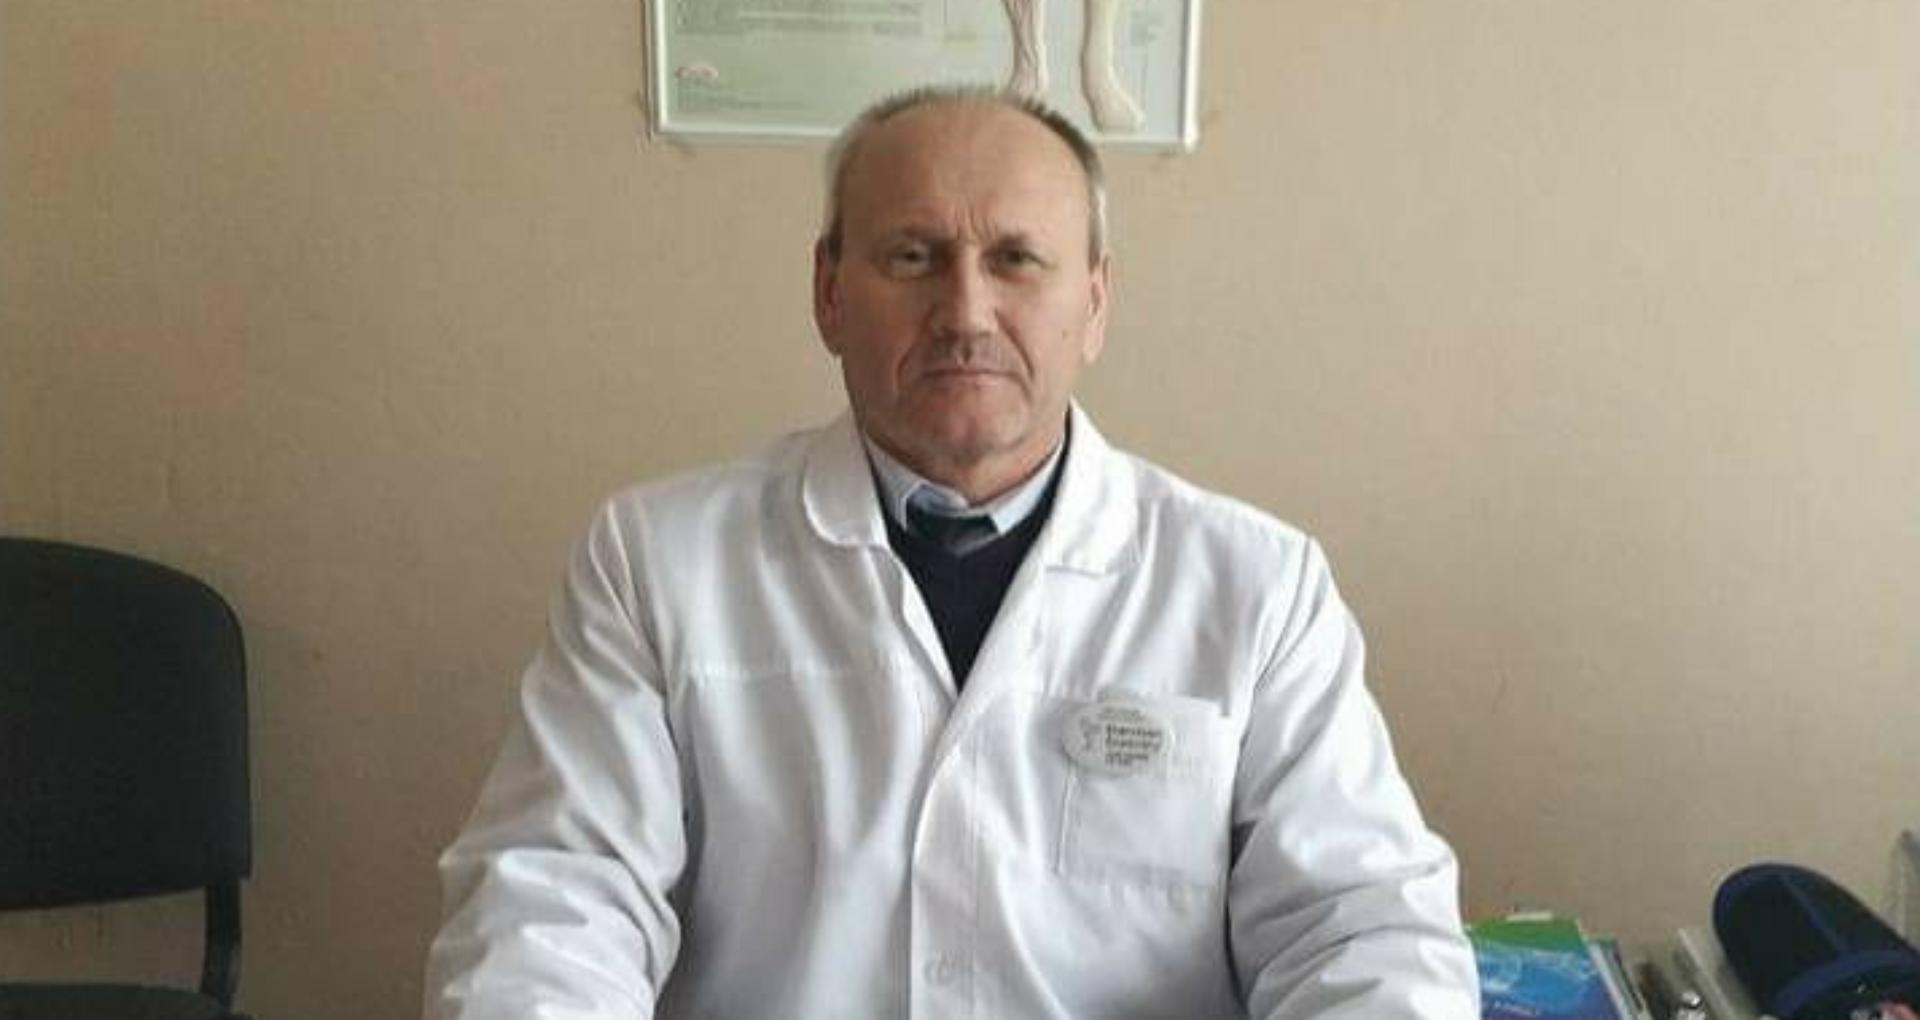 COVID-19 a mai luat viața unui medic. A luptat cu boala mai mult de o lună